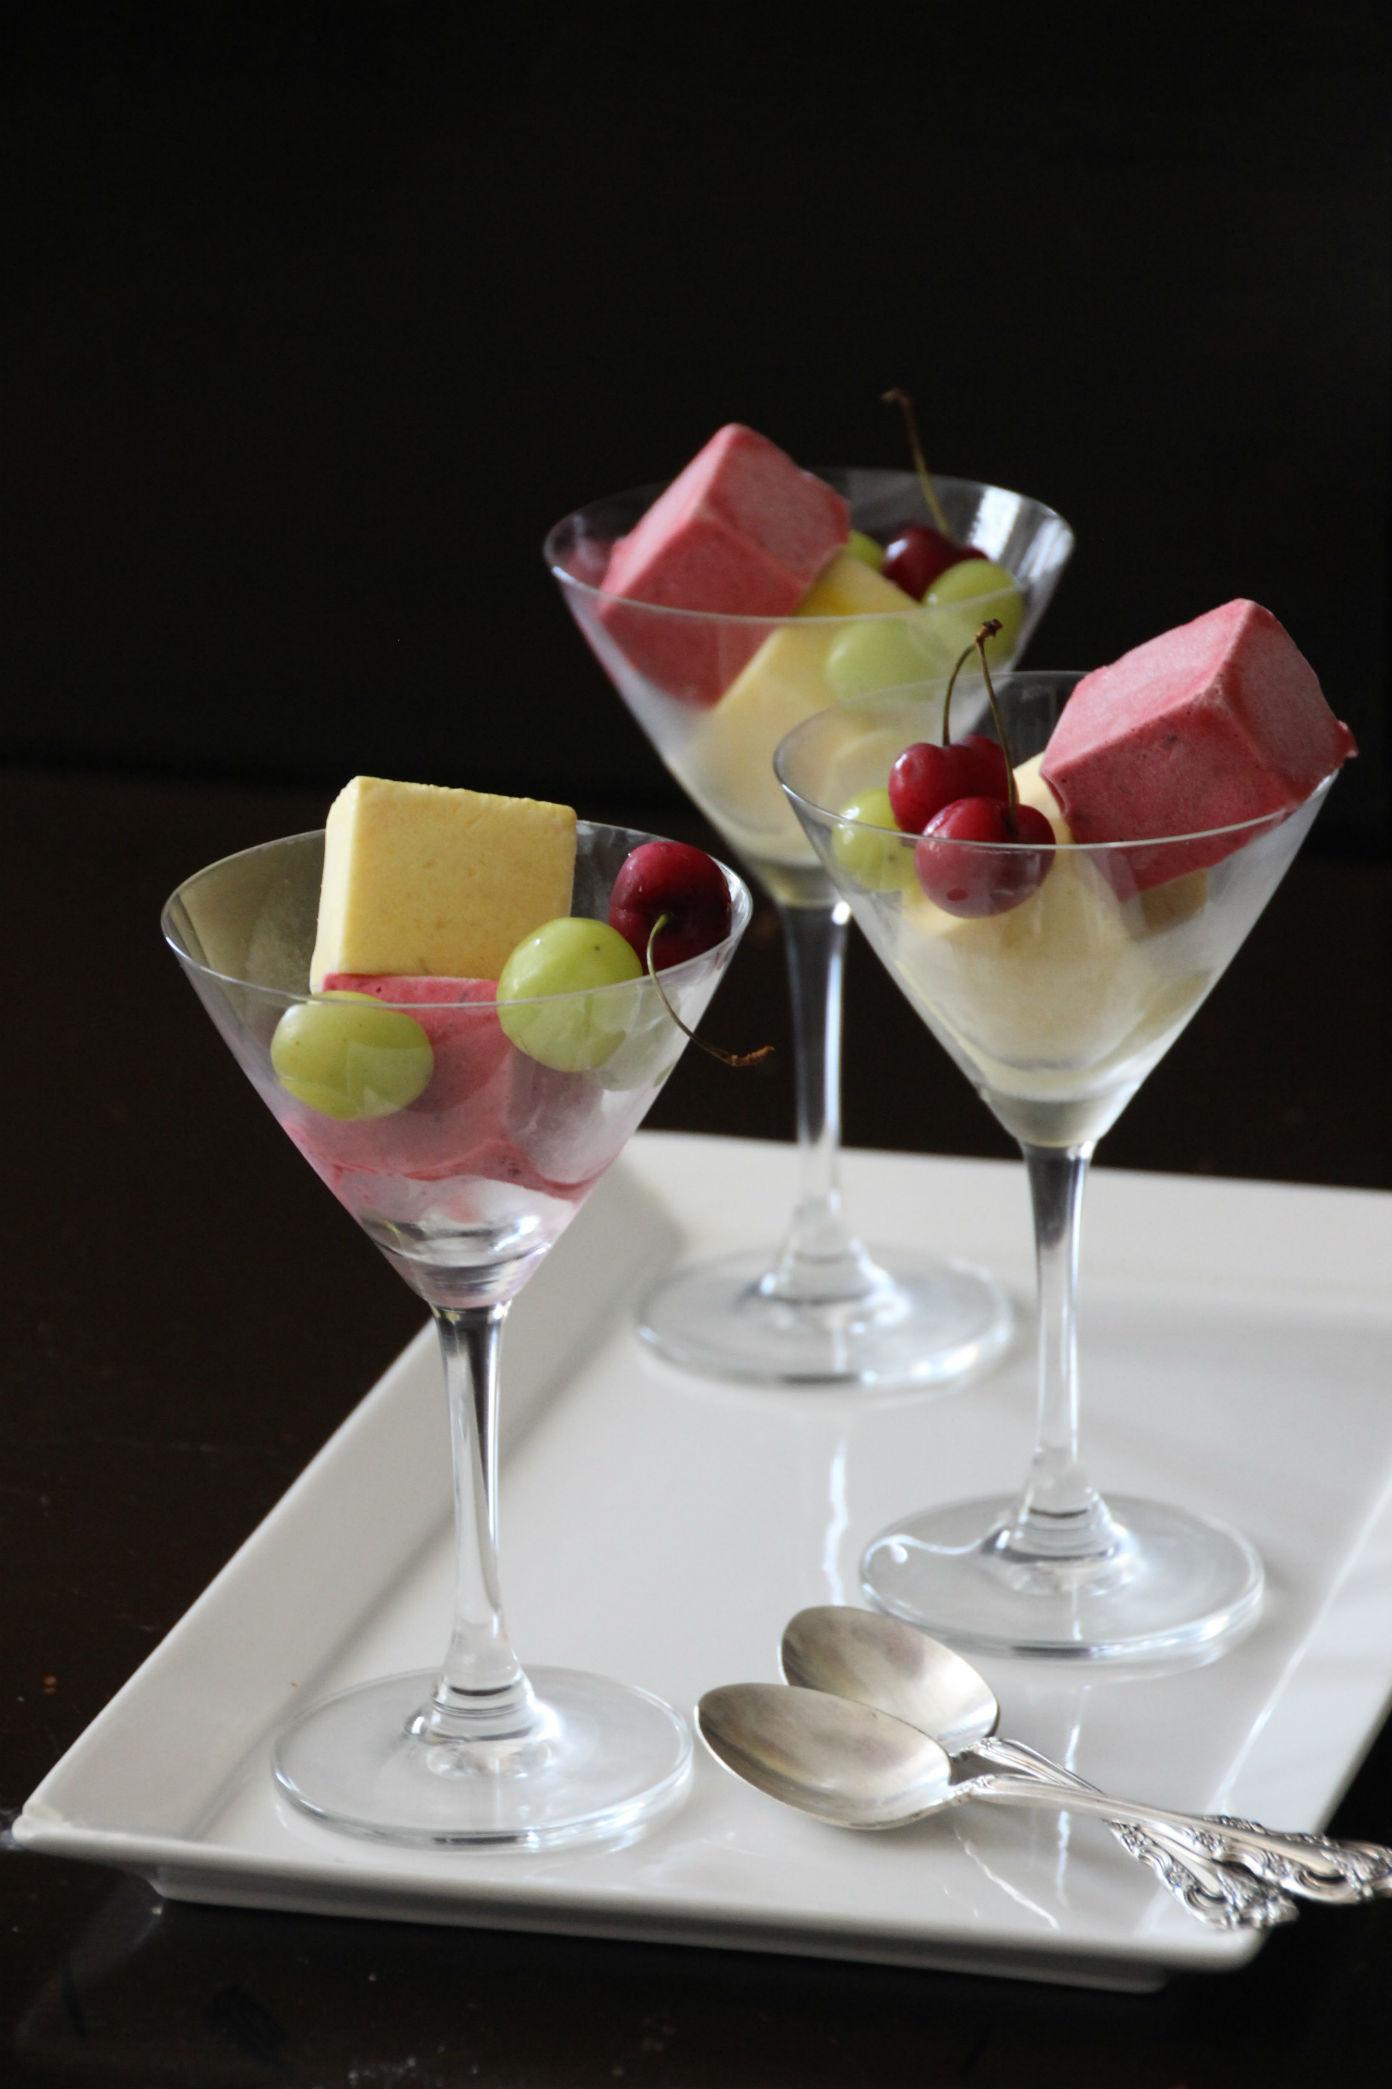 סורבה פירות בשני צבעים